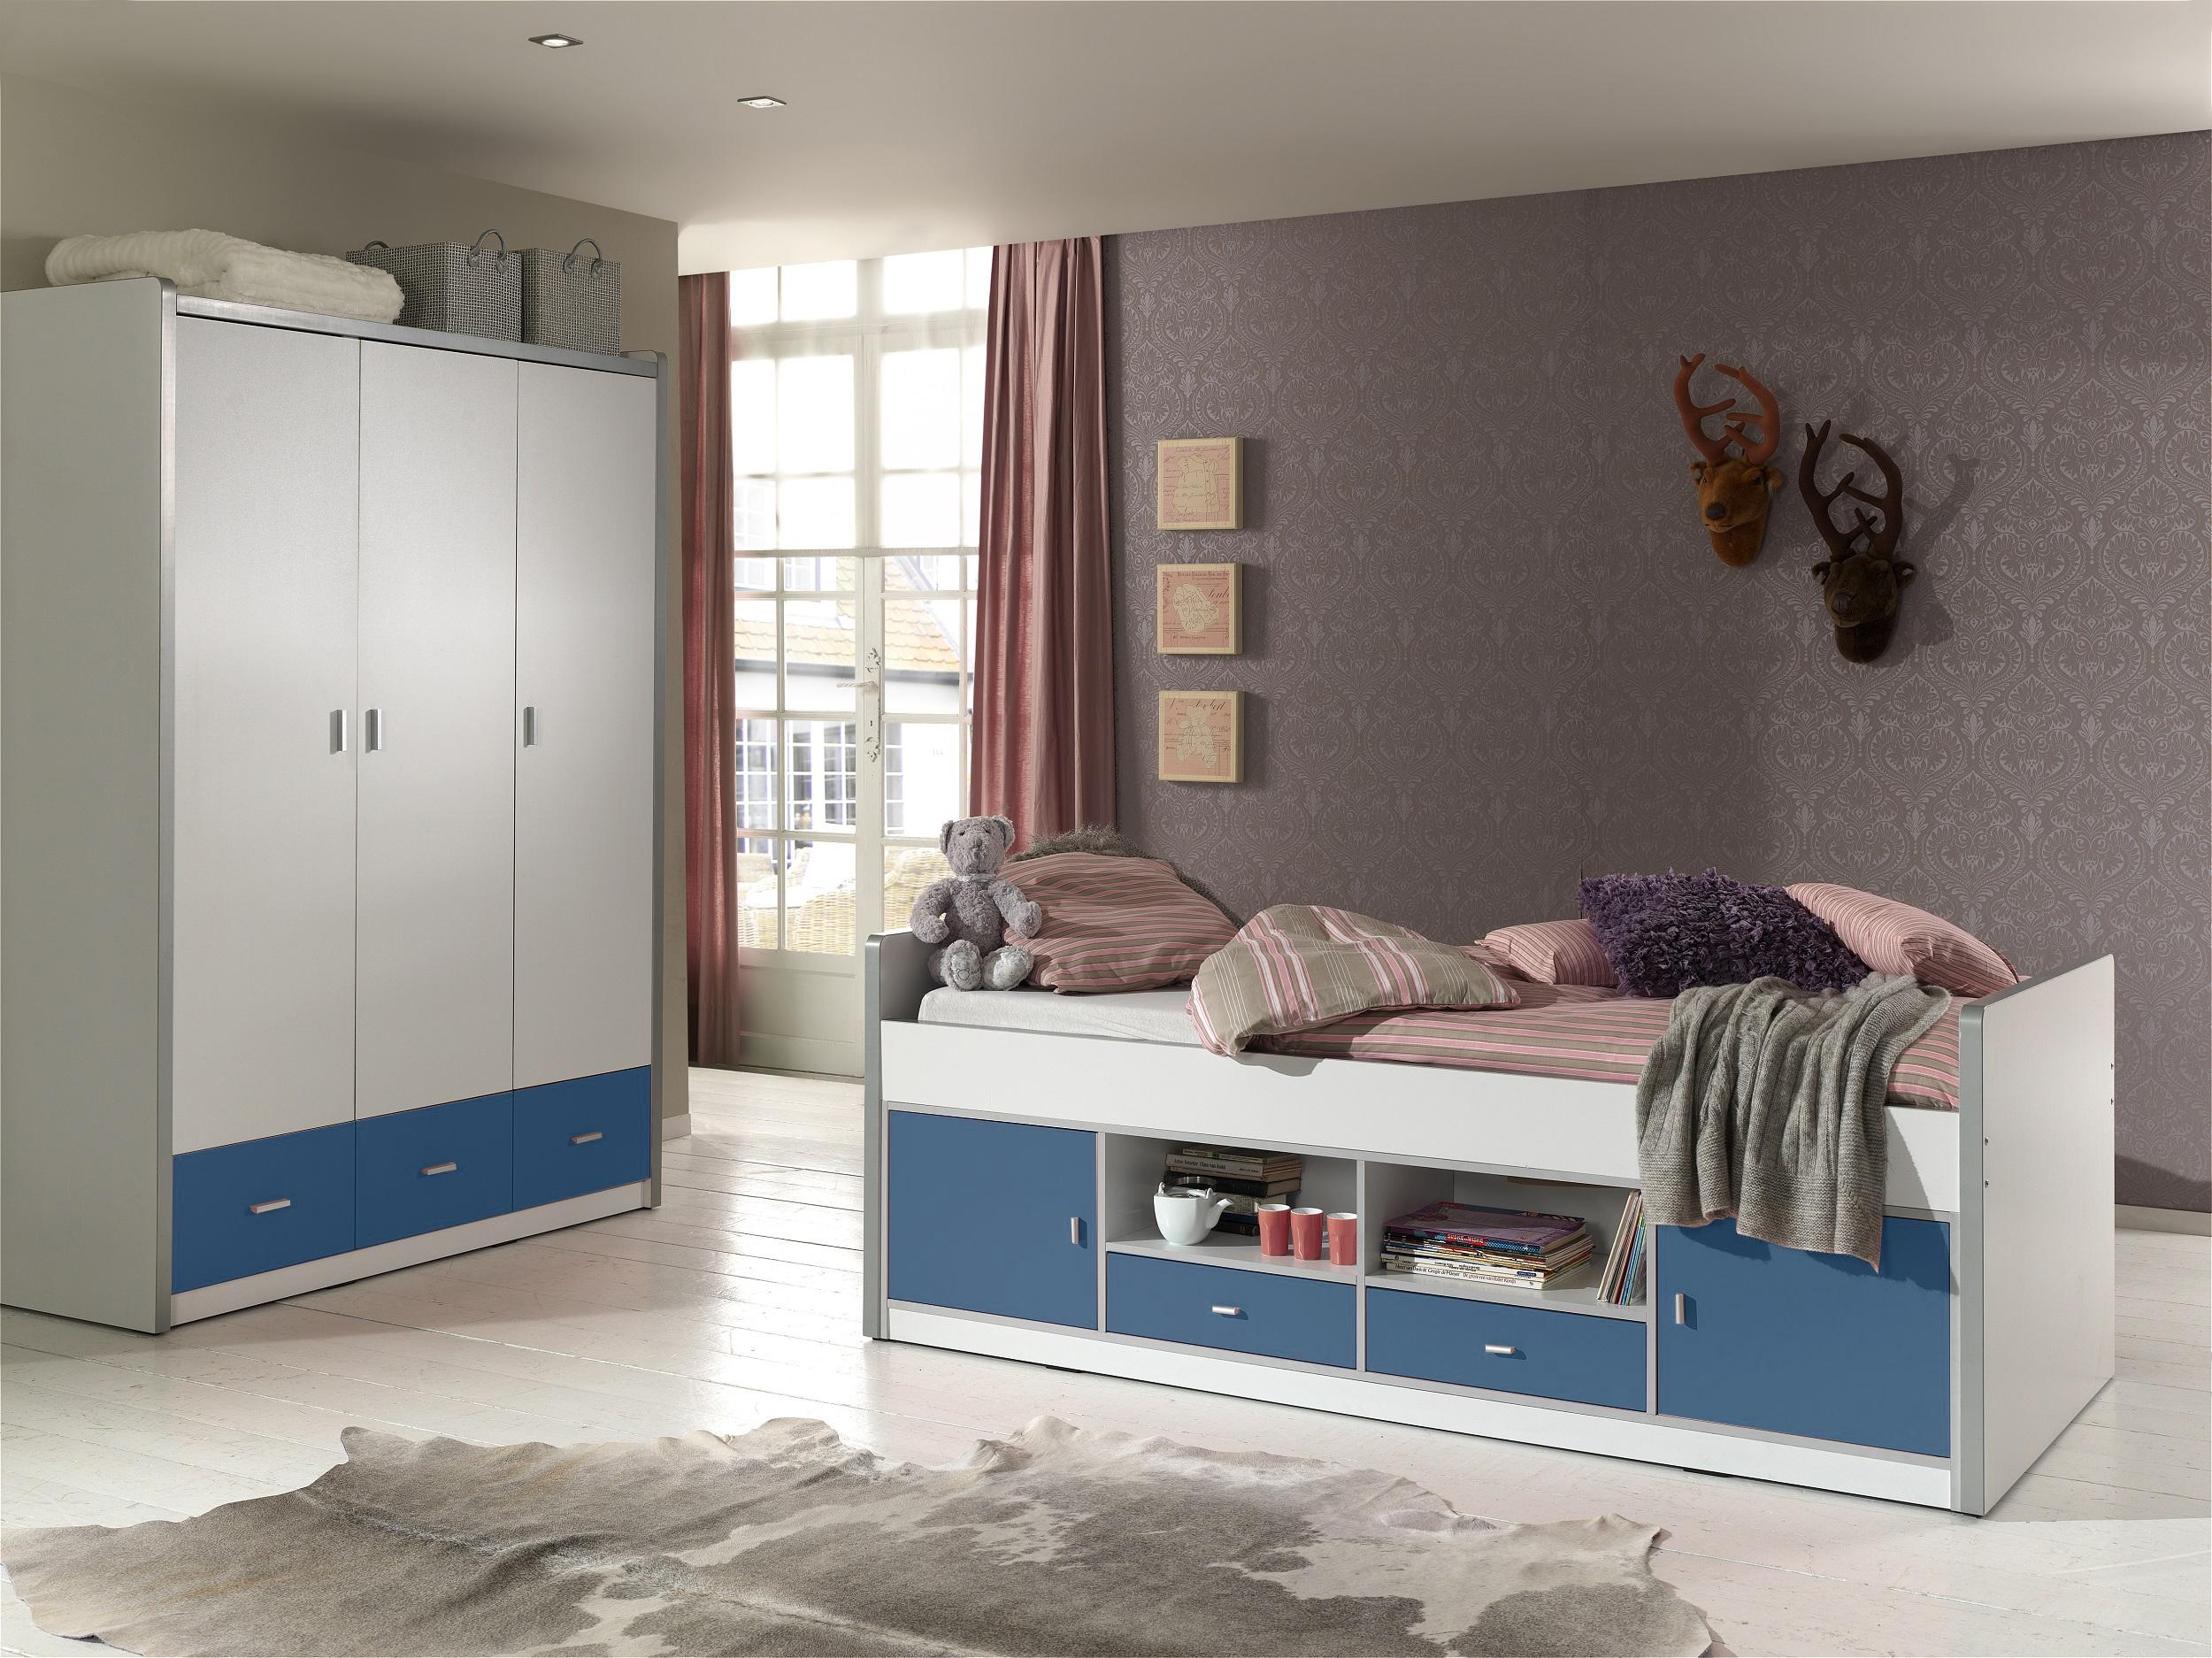 Set Mobila dormitor din pal, pentru copii 2 piese Bonny Capitan Alb / Albastru, 200 x 90 cm imagine